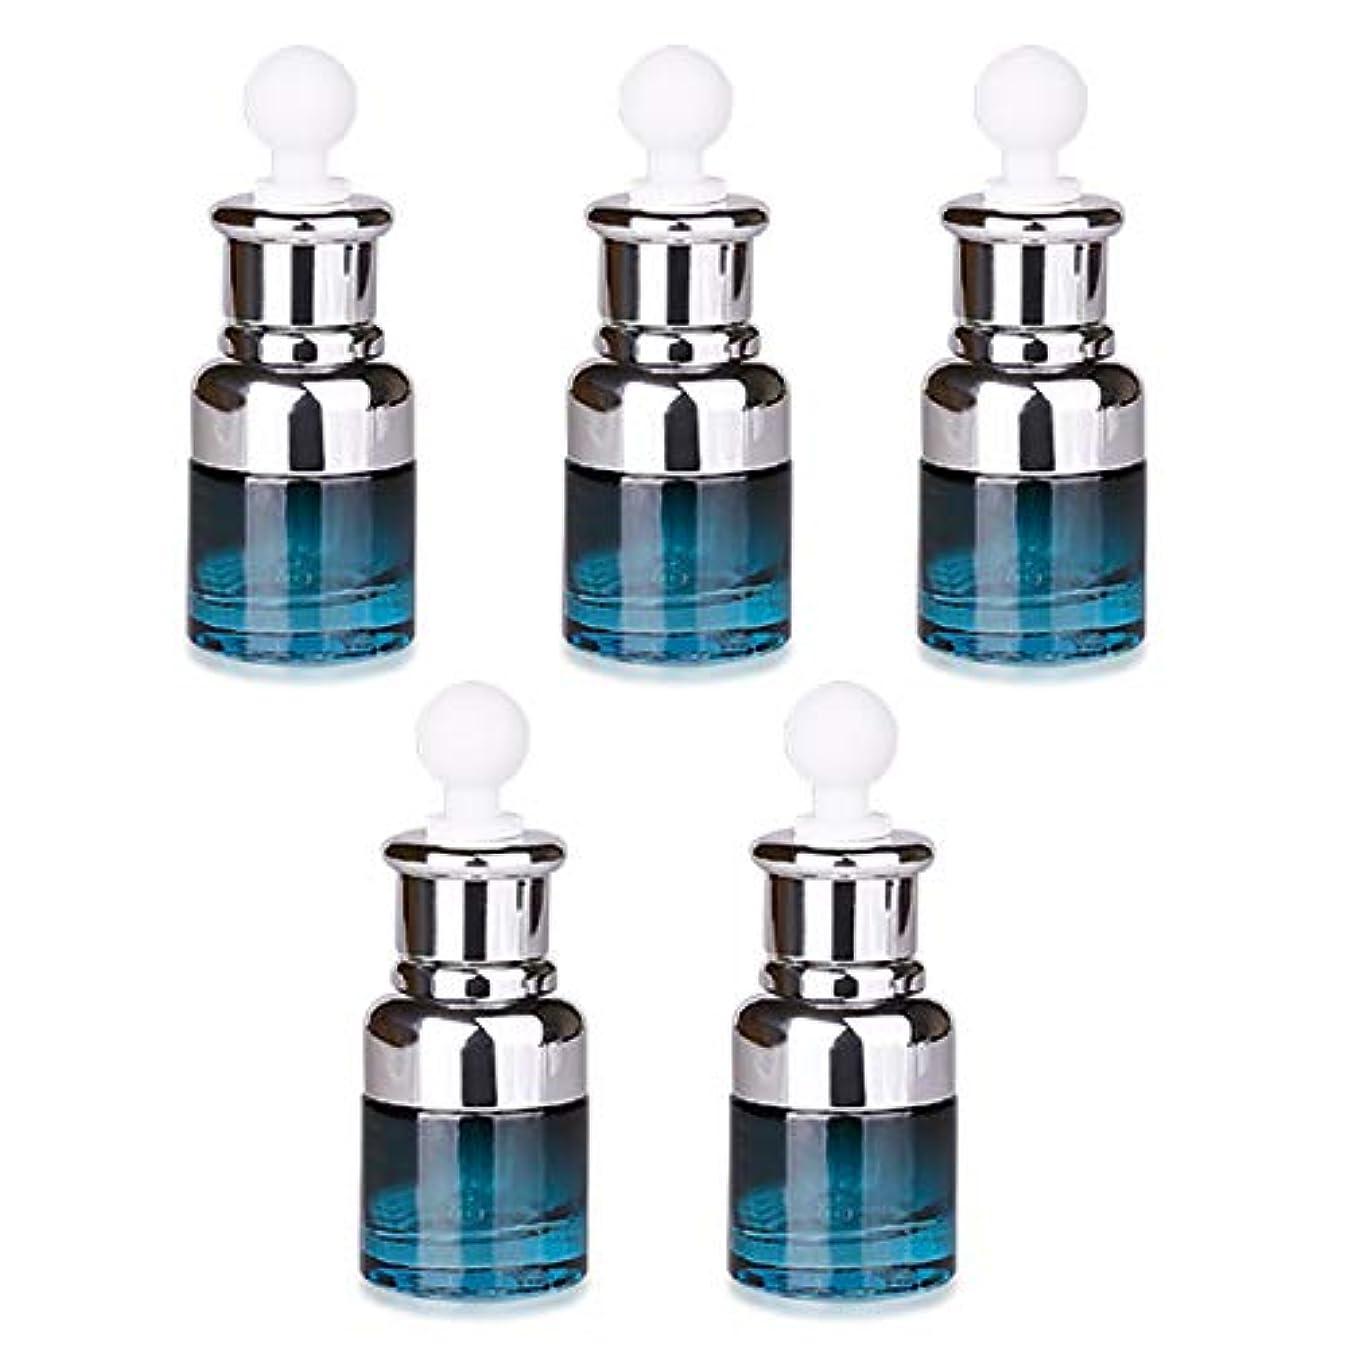 石膏尋ねる交換可能フェリモア スポイト付遮光瓶 ブルーボトル ガラス製 香水 化粧水 アロマオイル 小分け 20ml (5個セット)